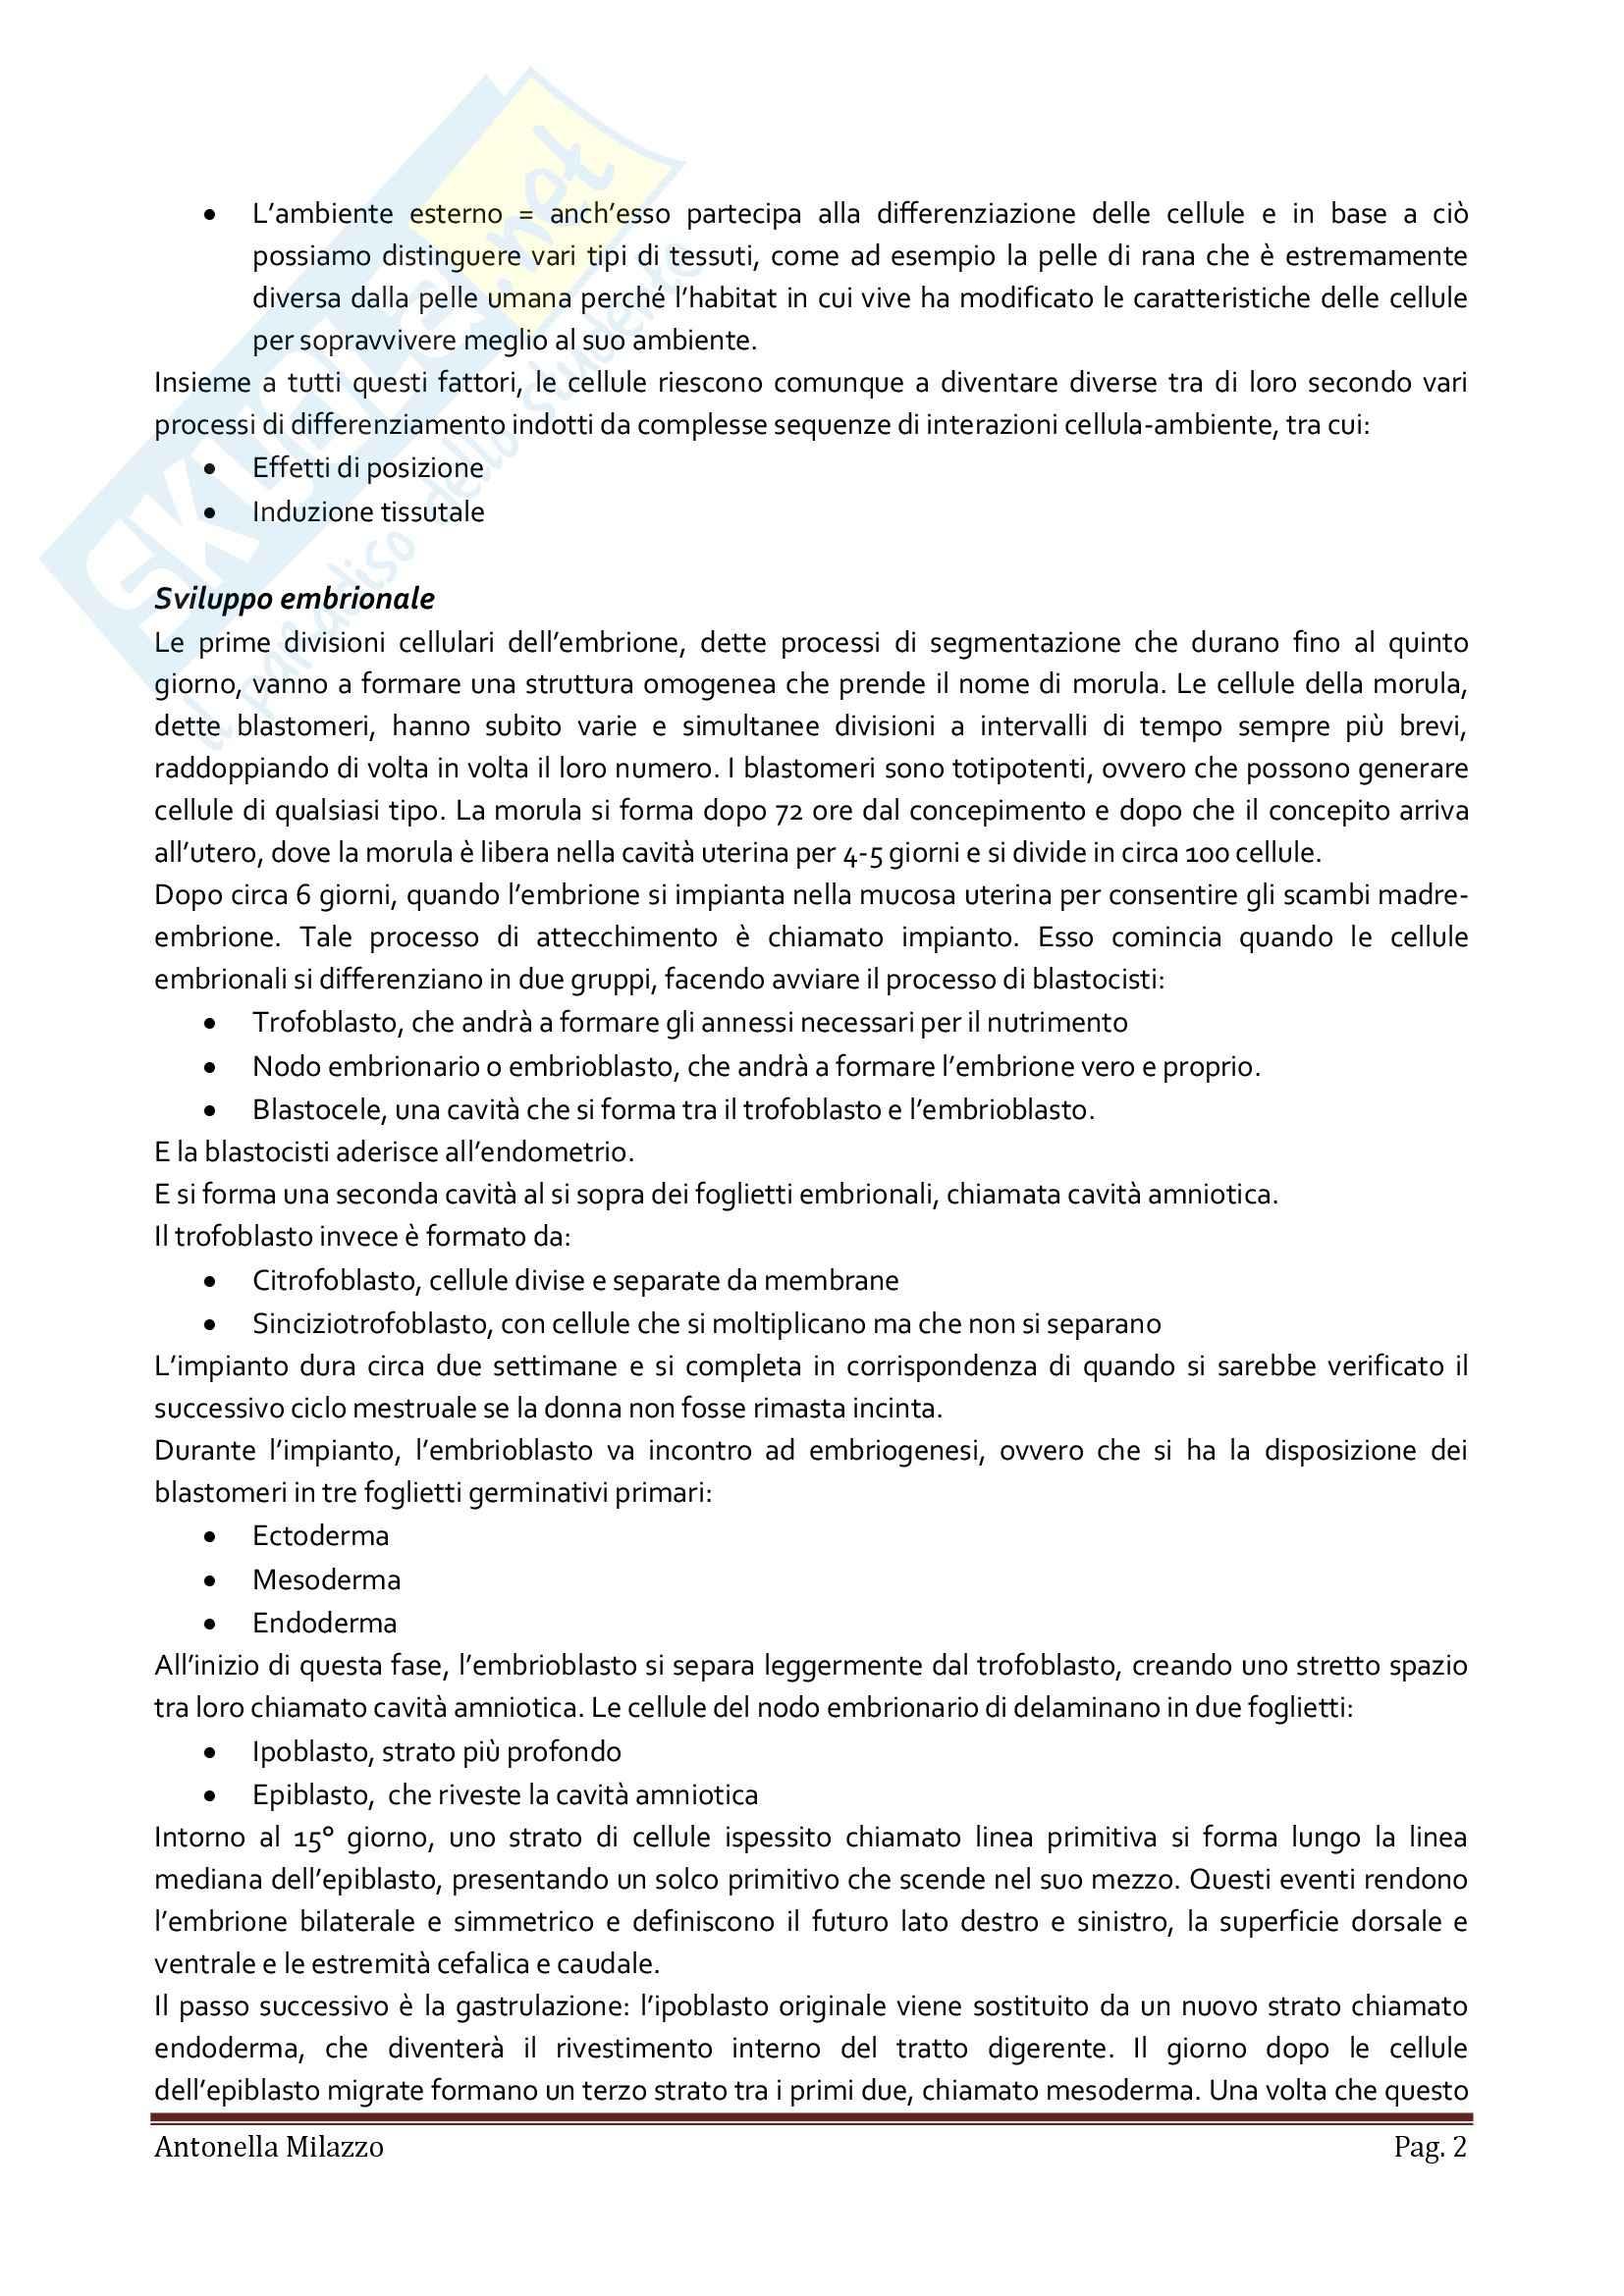 Istologia, Anatomia e fisiologia Pag. 2